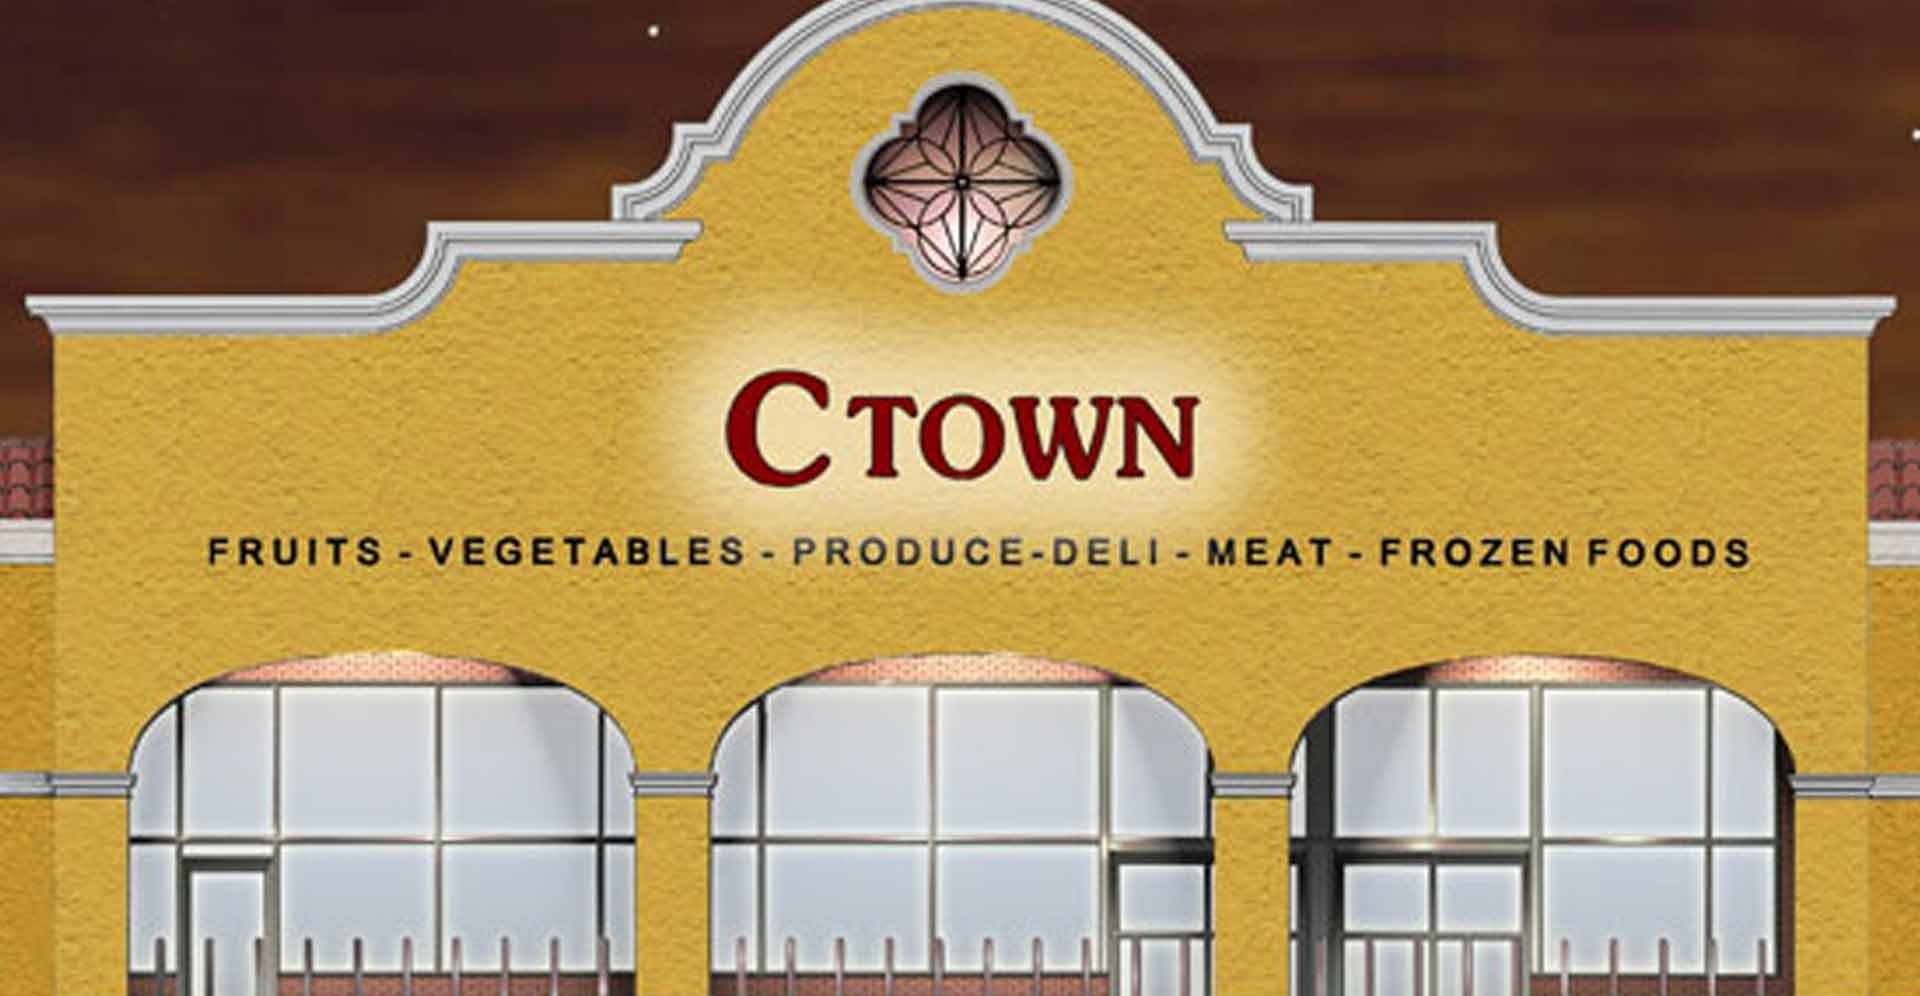 C-Town_Supermarket_Rendering.jpg